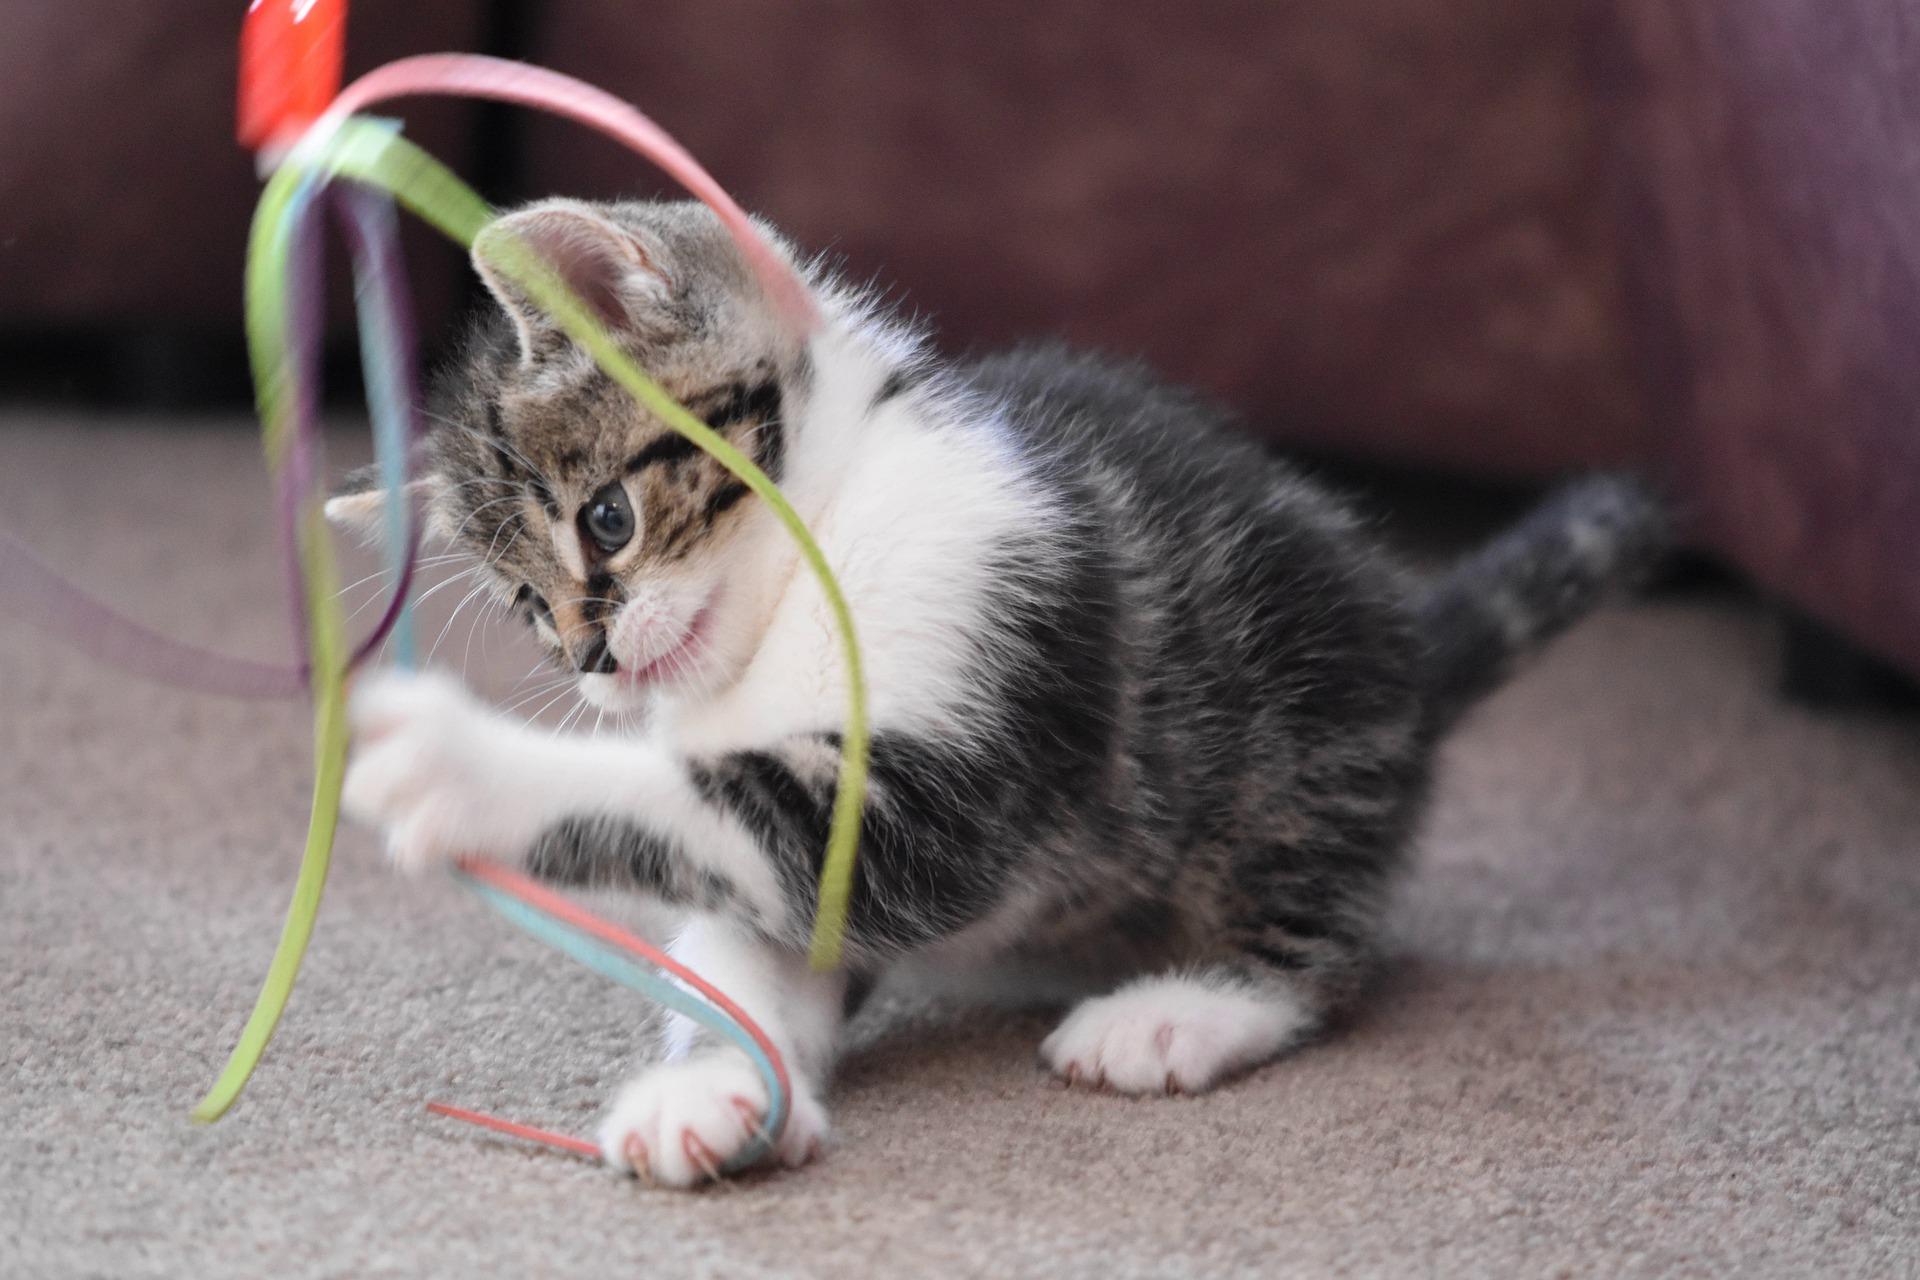 cat-4262737_1920